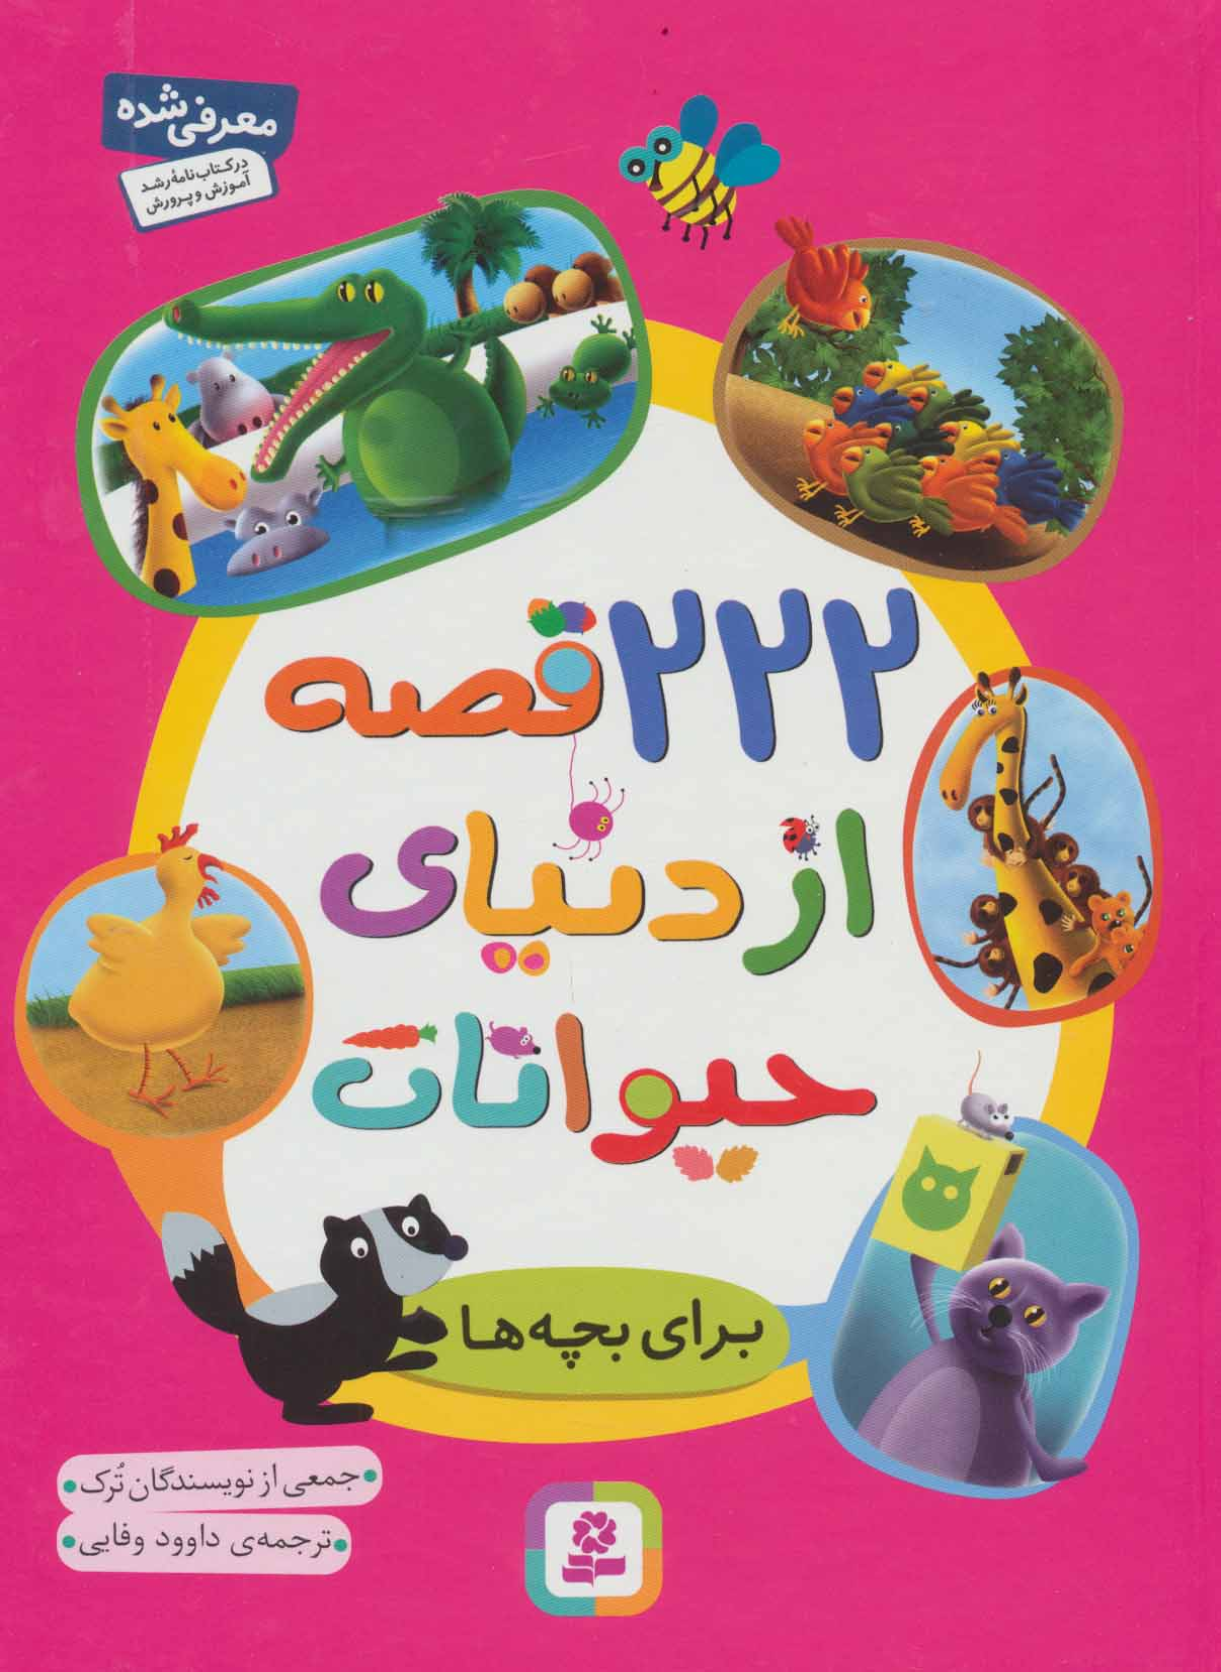 222 قصه از دنیای حیوانات (برای بچه ها)،(گلاسه)